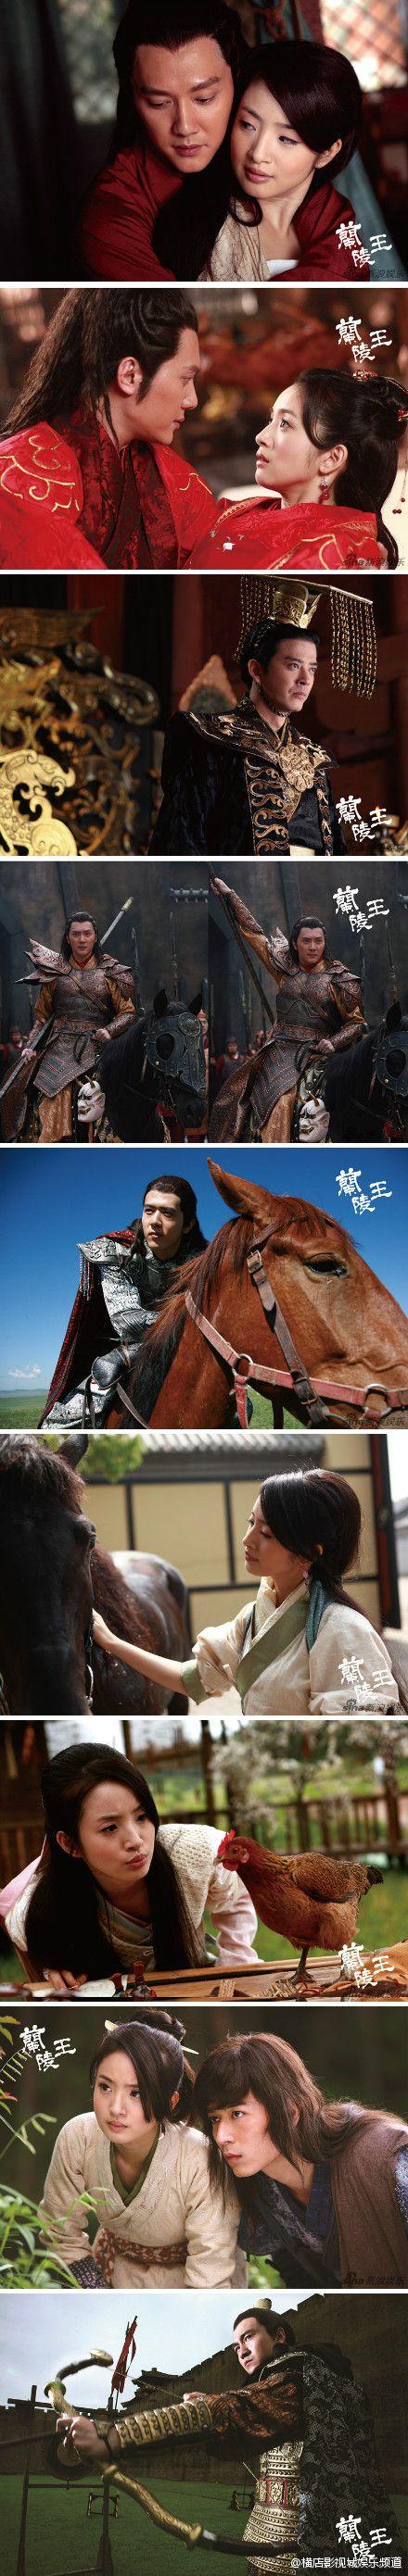 Lan Ling Wang 《兰陵王》 - Feng Shao Feng, Ariel Lin, Daniel Chan - Page 6